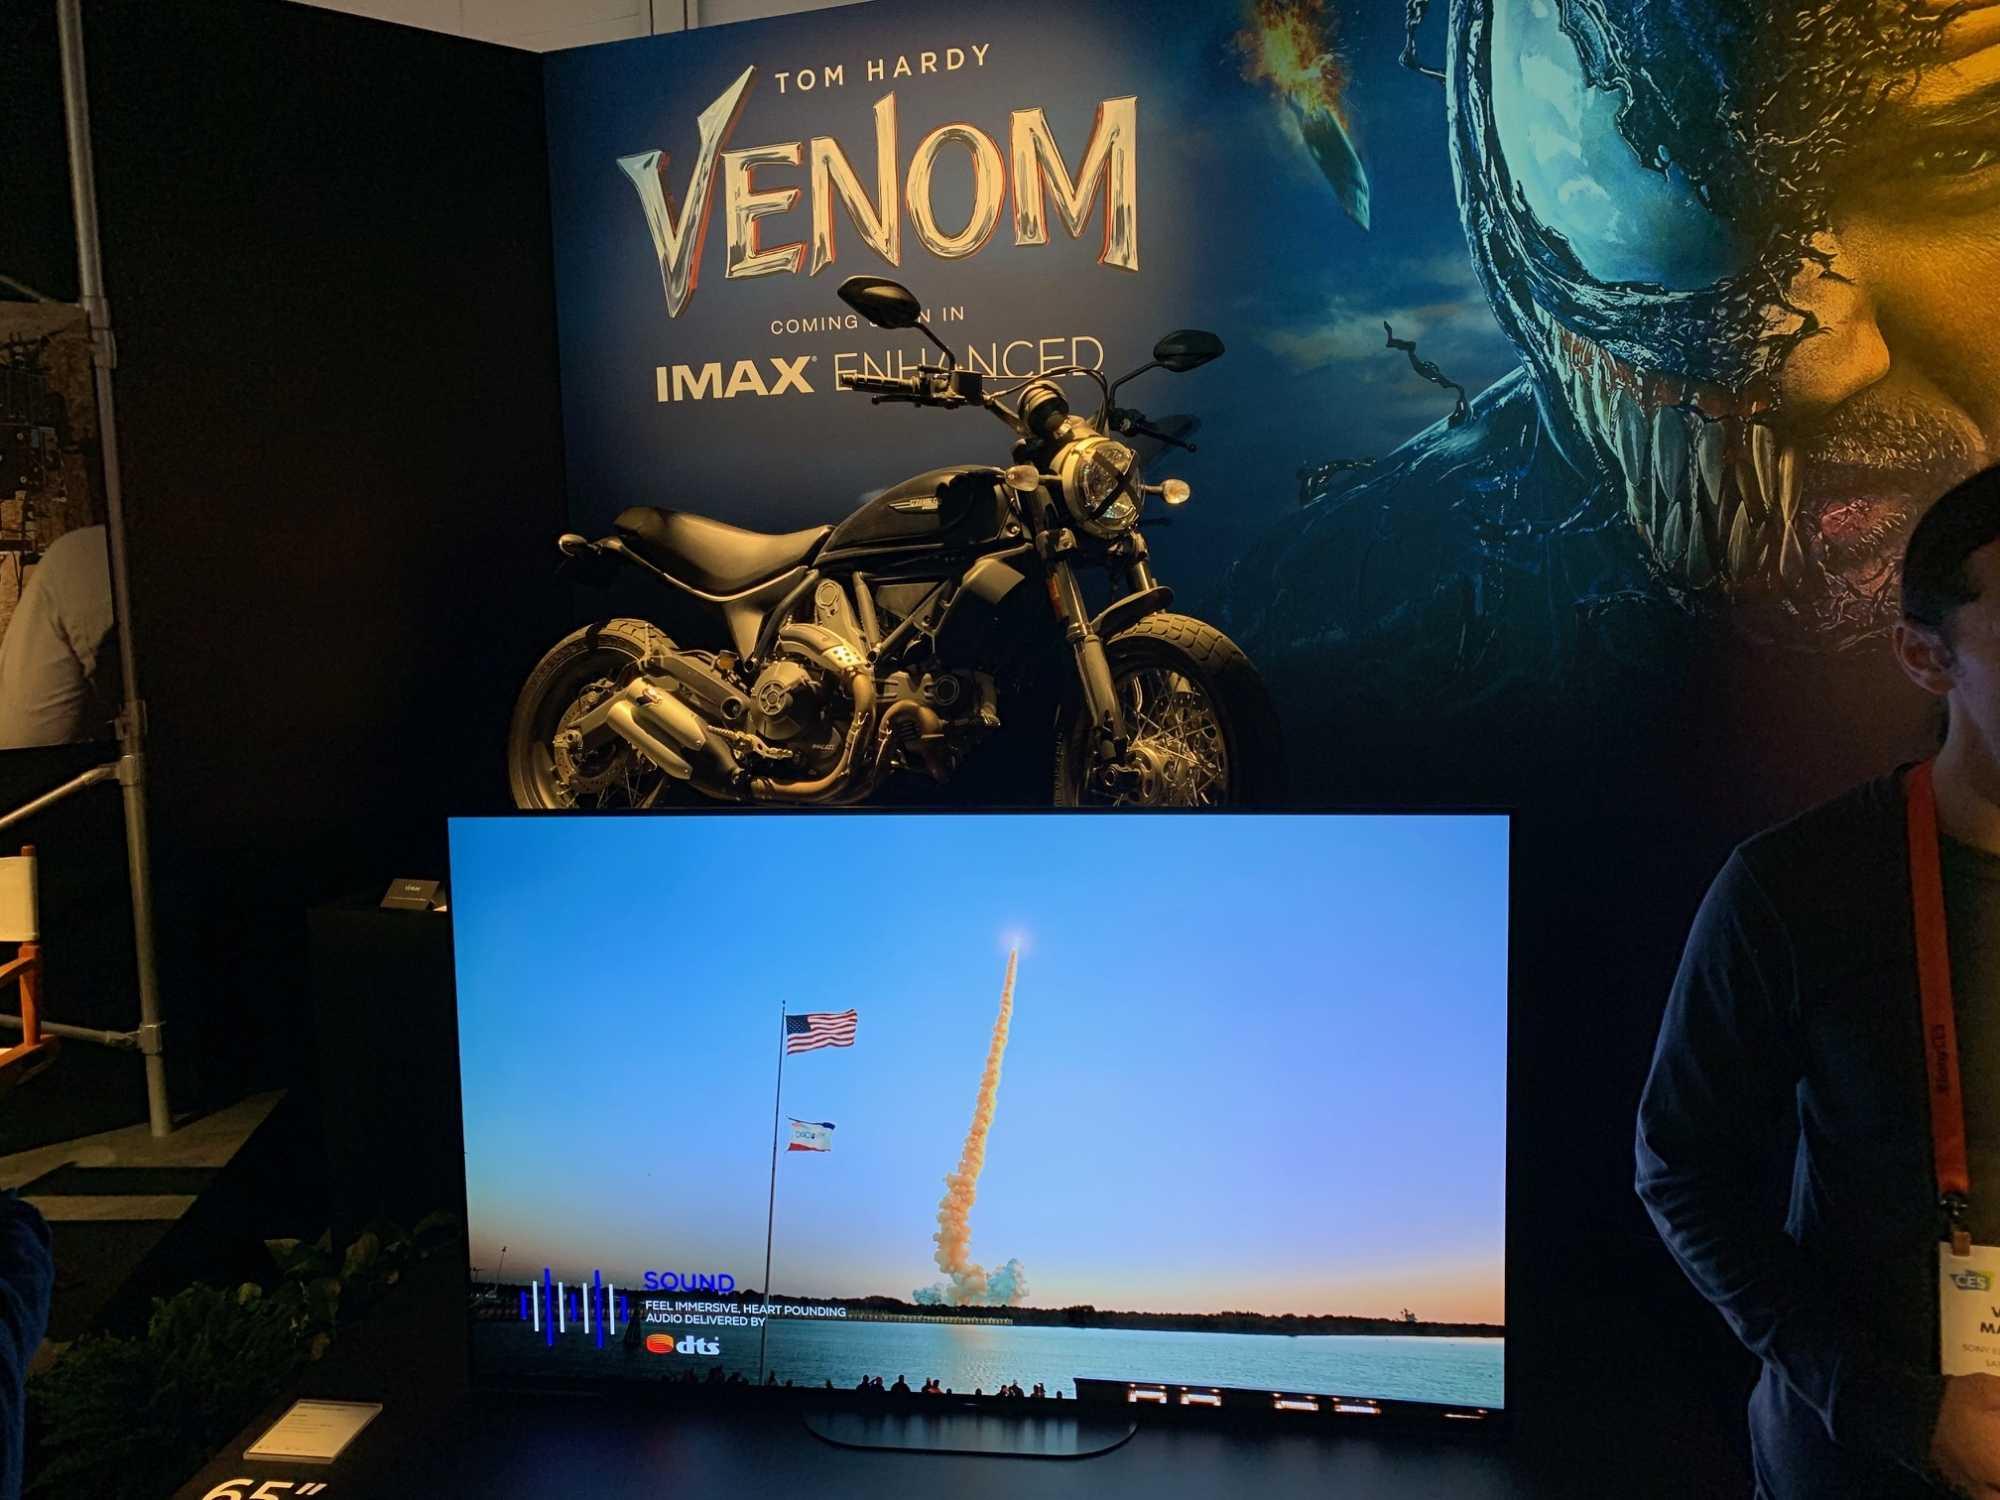 """Sony bewirbt an seinem CES-Stand die IMAX-Enhanced-Version von """"Venom"""", die nur als Videostream verfügbar sein wird."""